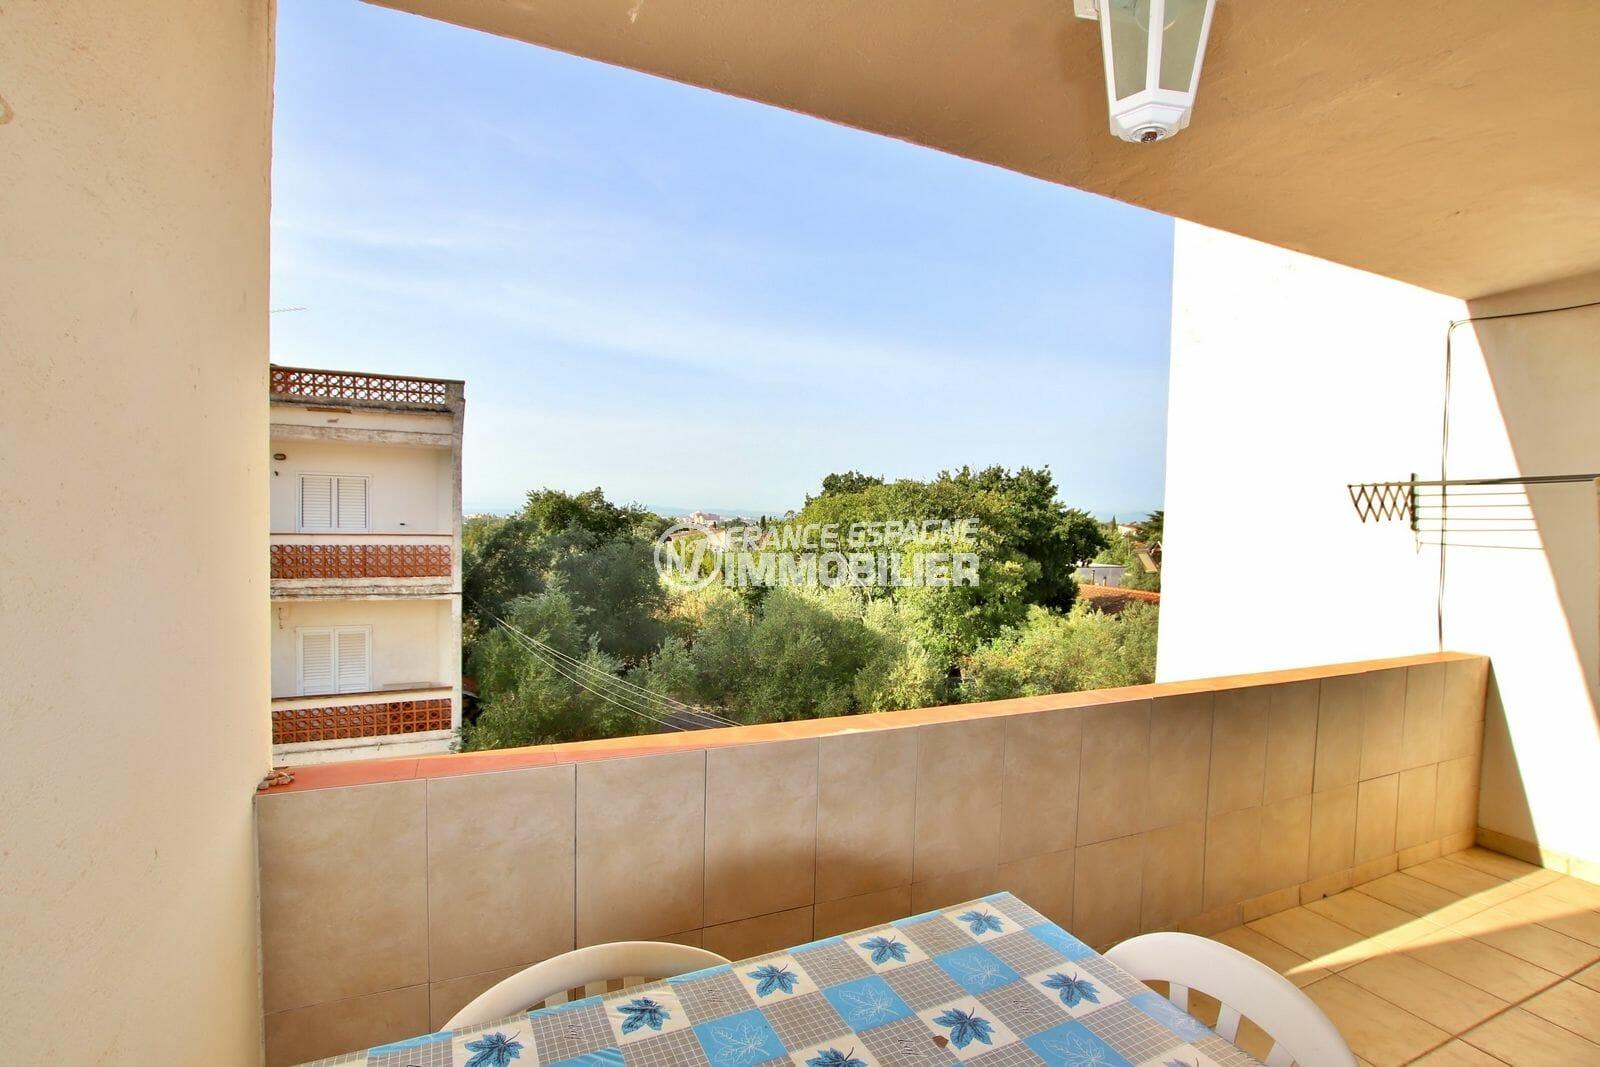 vente appartement rosas, 2 chambres 75 m², terrasse de 15 m² aperçu mer, parking privé. proche plage et comerces